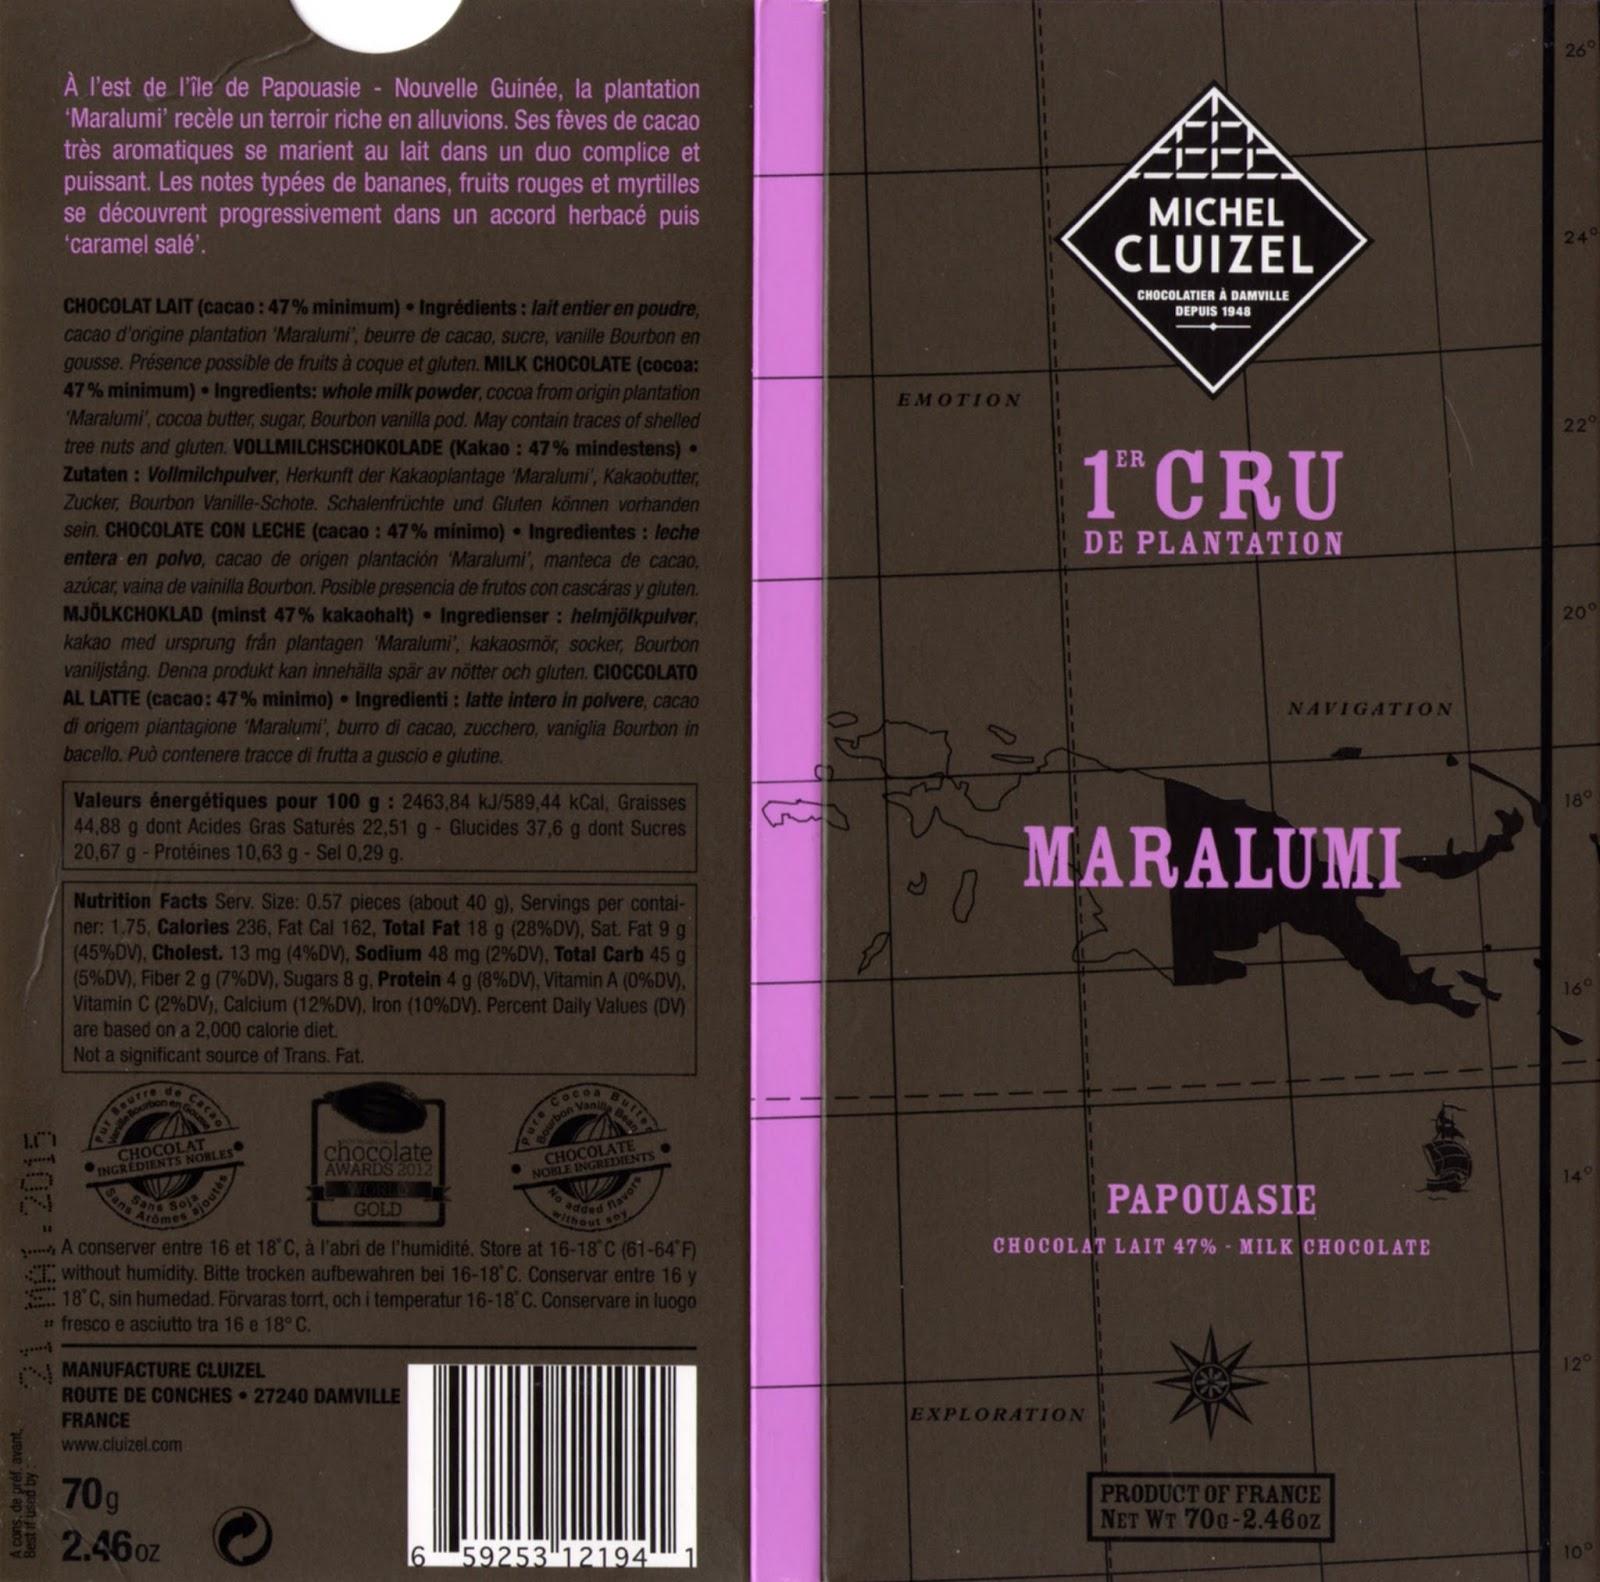 tablette de chocolat lait dégustation michel cluizel lait 1er cru de plantation maralumi